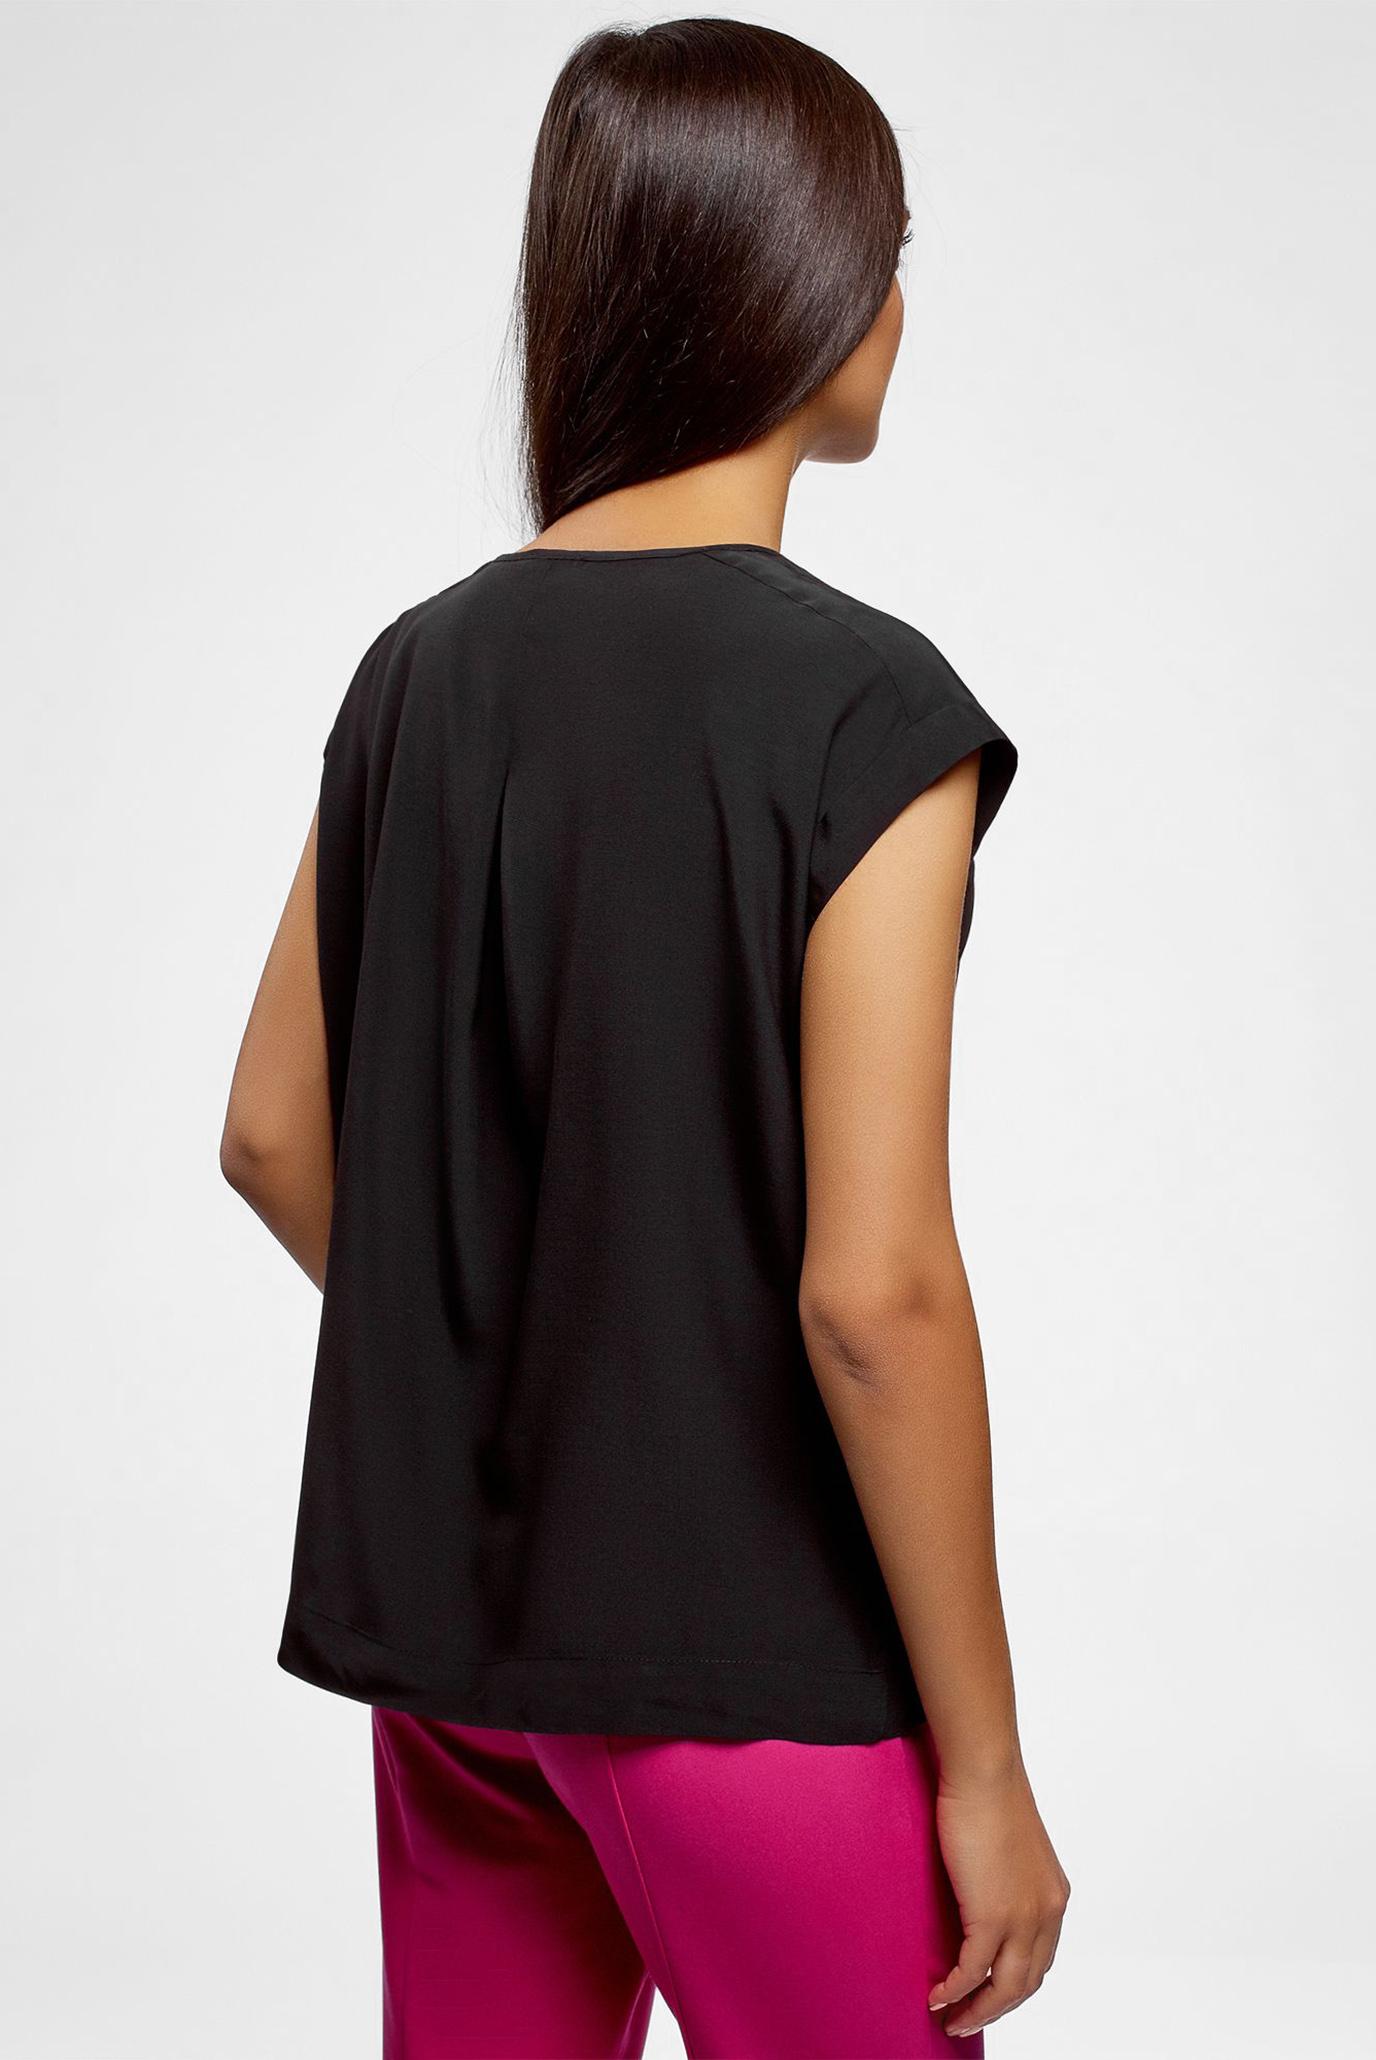 Купить Женская черная блуза Oodji Oodji 21405137/46868/2900N – Киев, Украина. Цены в интернет магазине MD Fashion